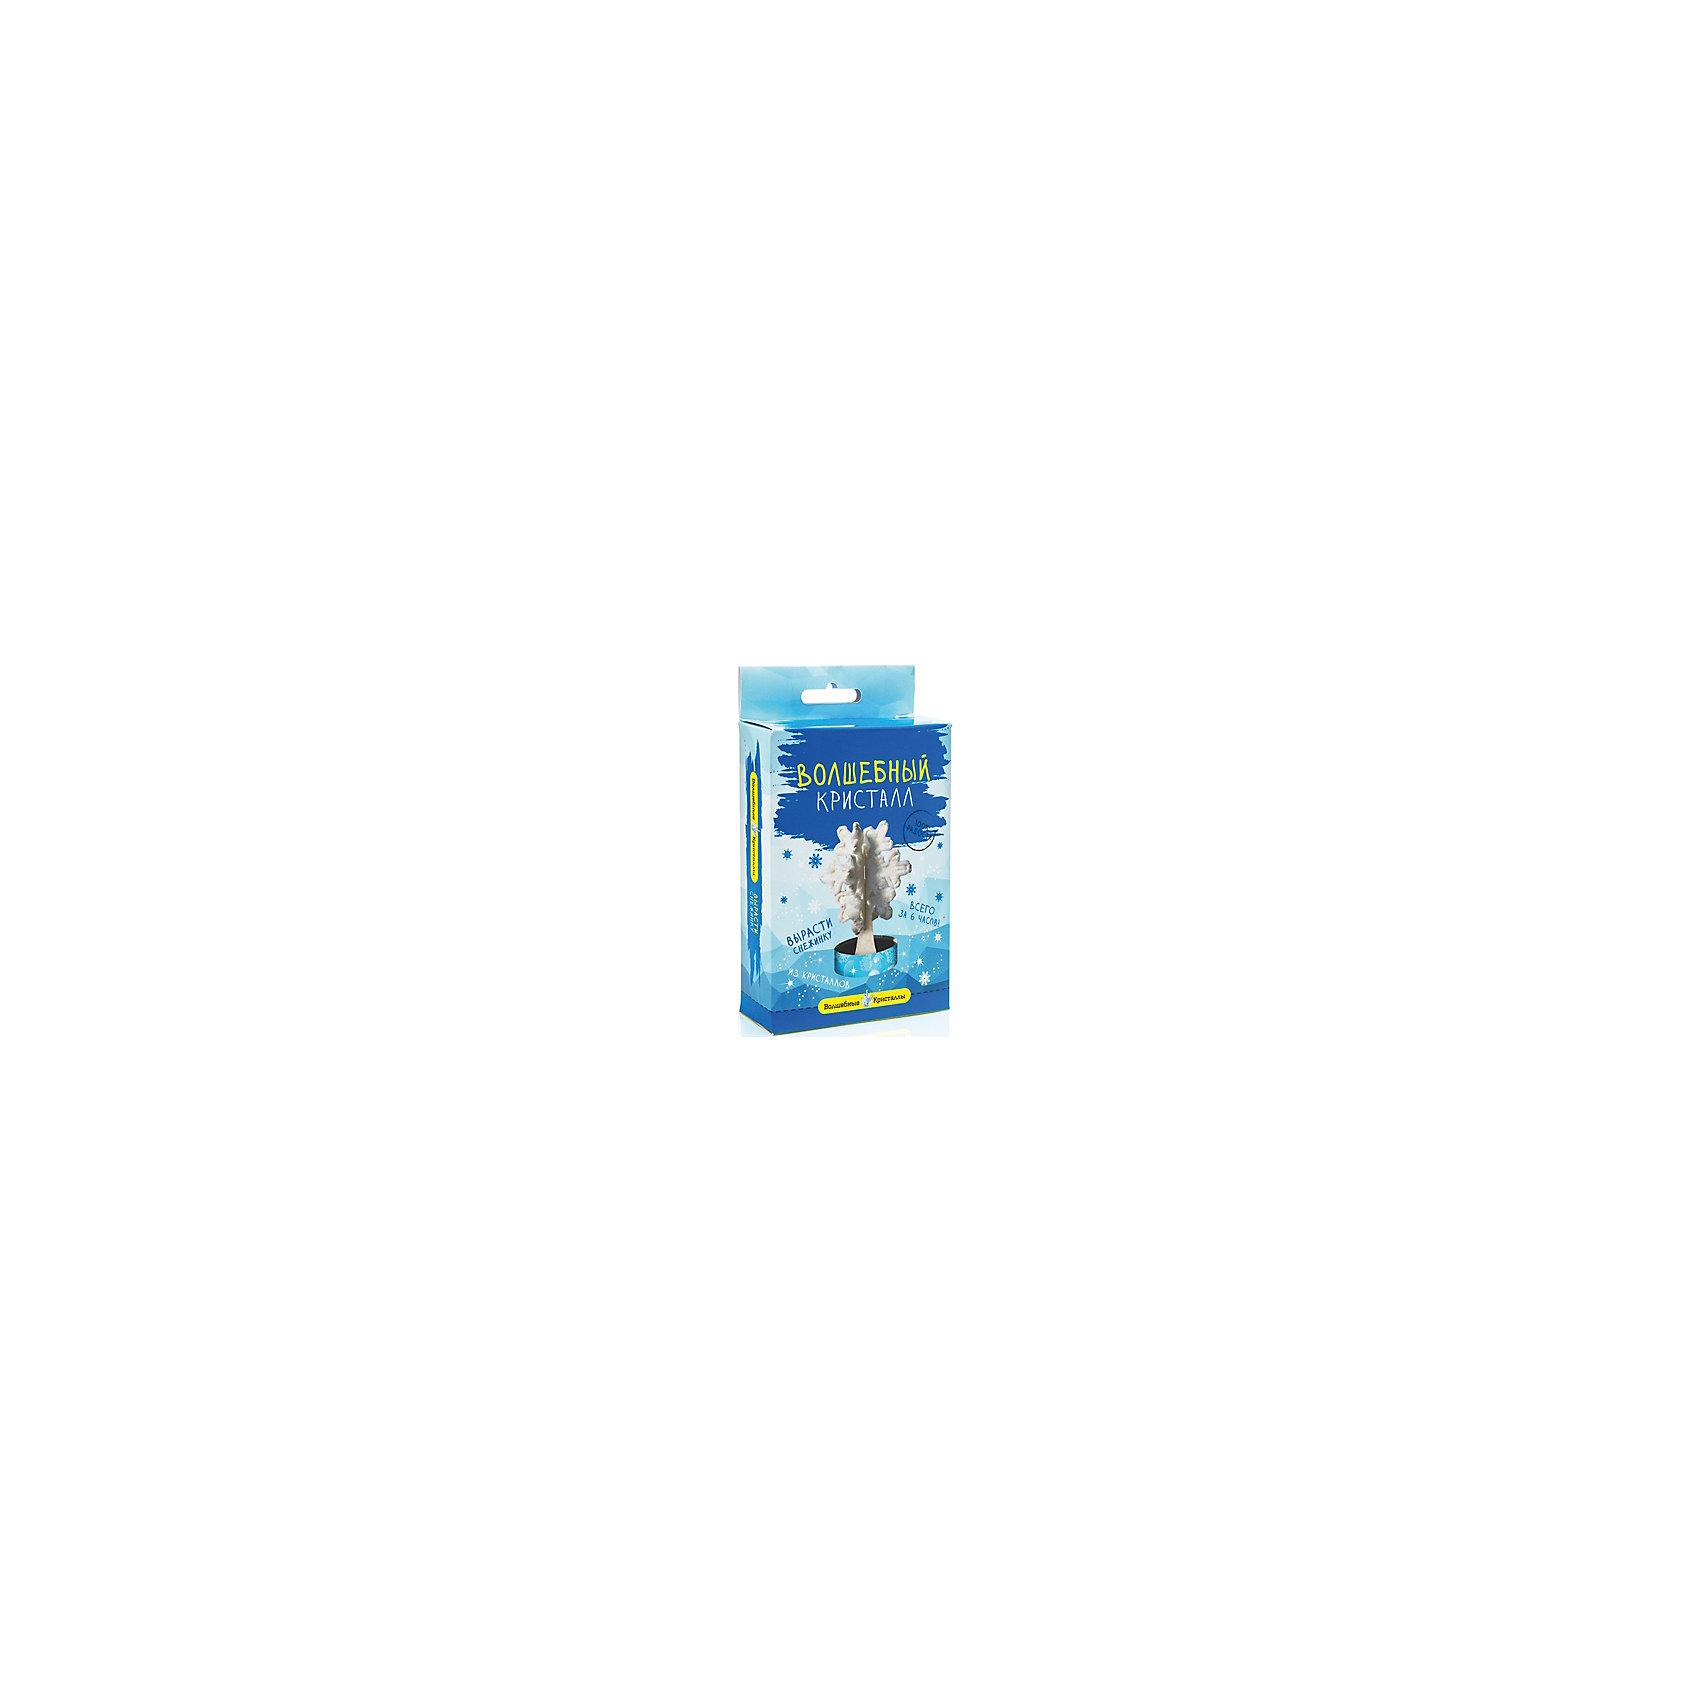 Научный набор Волшебный кристалл - Снежинка БумбарамКристаллы<br>Волшебные кристаллы Снежинка, Бумбарам.<br><br>Характеристики:<br><br>• вы можете вырастить снежинку не выходя из дома<br>• набор прост в использовании<br>• безопасен для детей<br>• готовая поделка уже через 6 часов<br>• размер упаковки: 16,5х10х3 см<br>• вес: 50 грамм<br>• в комплекте: основа, подставка из пластика, специальный раствор, инструкция<br>• готовую поделку рекомендуется покрыть лаком<br><br>Волшебные кристаллы Снежинка подарят вам новогоднее настроение. Установите основу на подставку, добавьте специальный раствор в углубление - уже через 6 часов красивая снежинка будет радовать вас своим сиянием. Этот вид творчества непременно порадует ребенка, а готовая поделка приятно украсит интерьер комнаты.<br><br>Волшебные кристаллы Снежинка, Бумбарам вы можете приобрести в нашем интернет-магазине.<br><br>Ширина мм: 170<br>Глубина мм: 100<br>Высота мм: 30<br>Вес г: 50<br>Возраст от месяцев: 72<br>Возраст до месяцев: 144<br>Пол: Унисекс<br>Возраст: Детский<br>SKU: 5053928